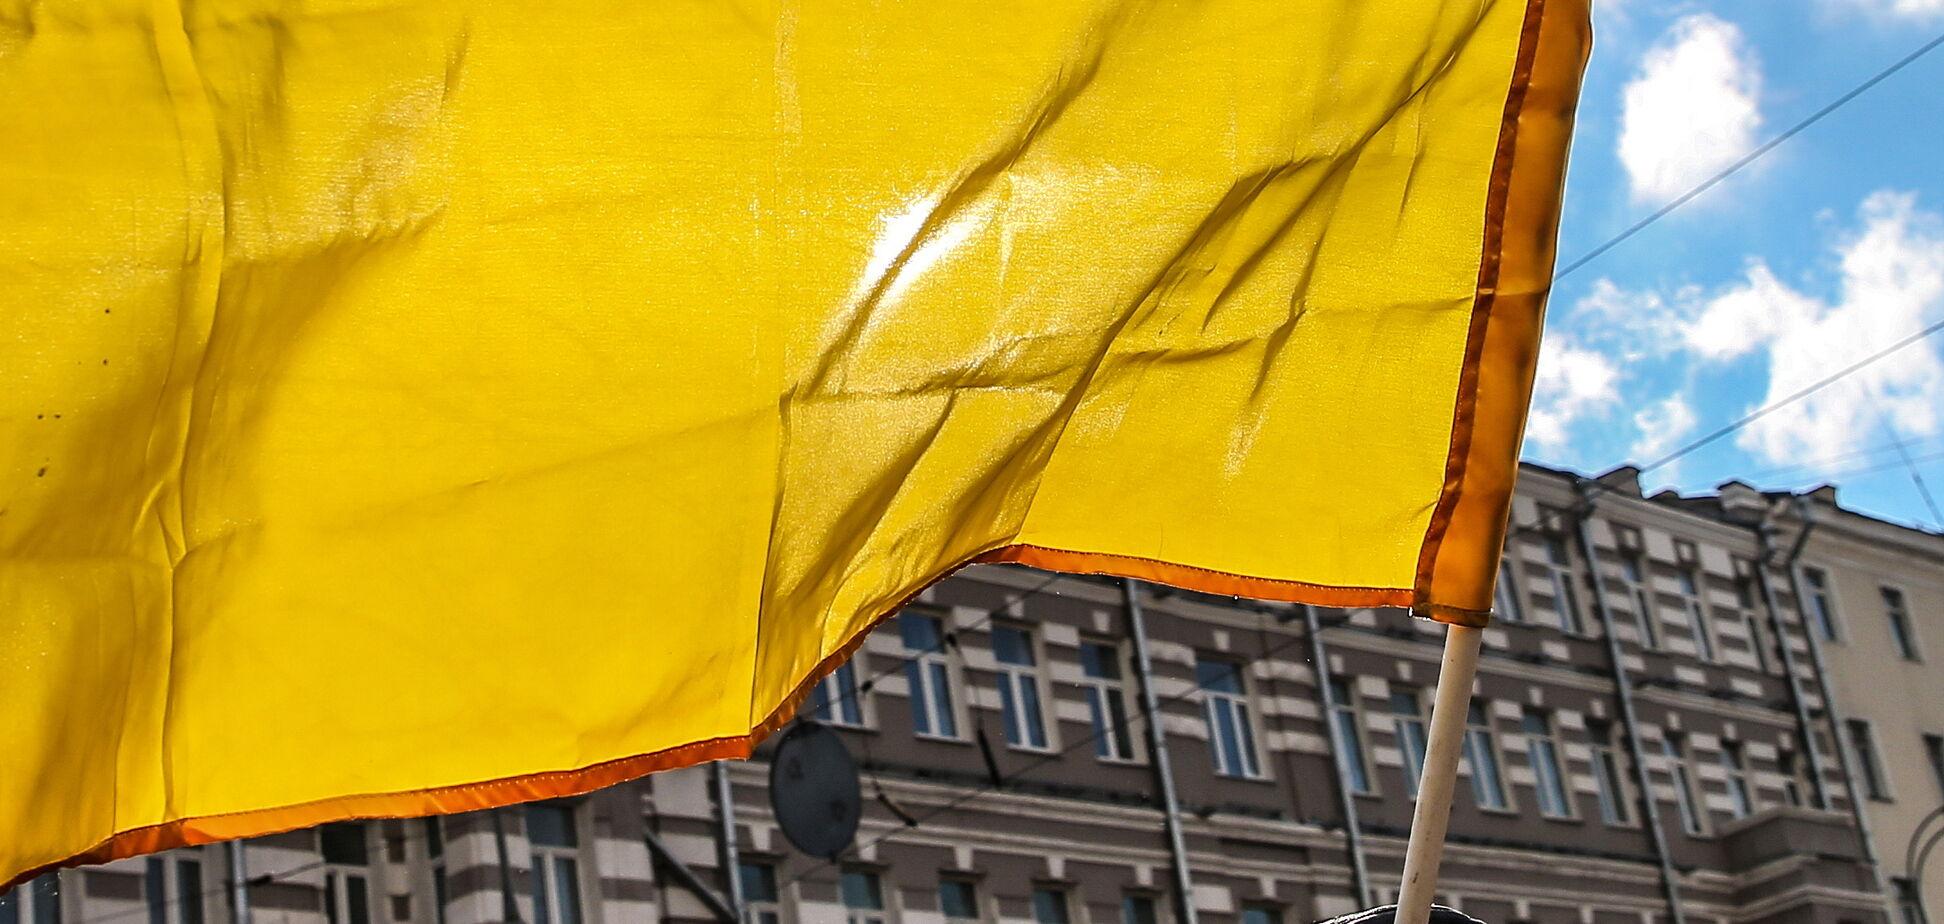 Украина интересна инвесторам: эксперт рассказал о позитивной тенденции